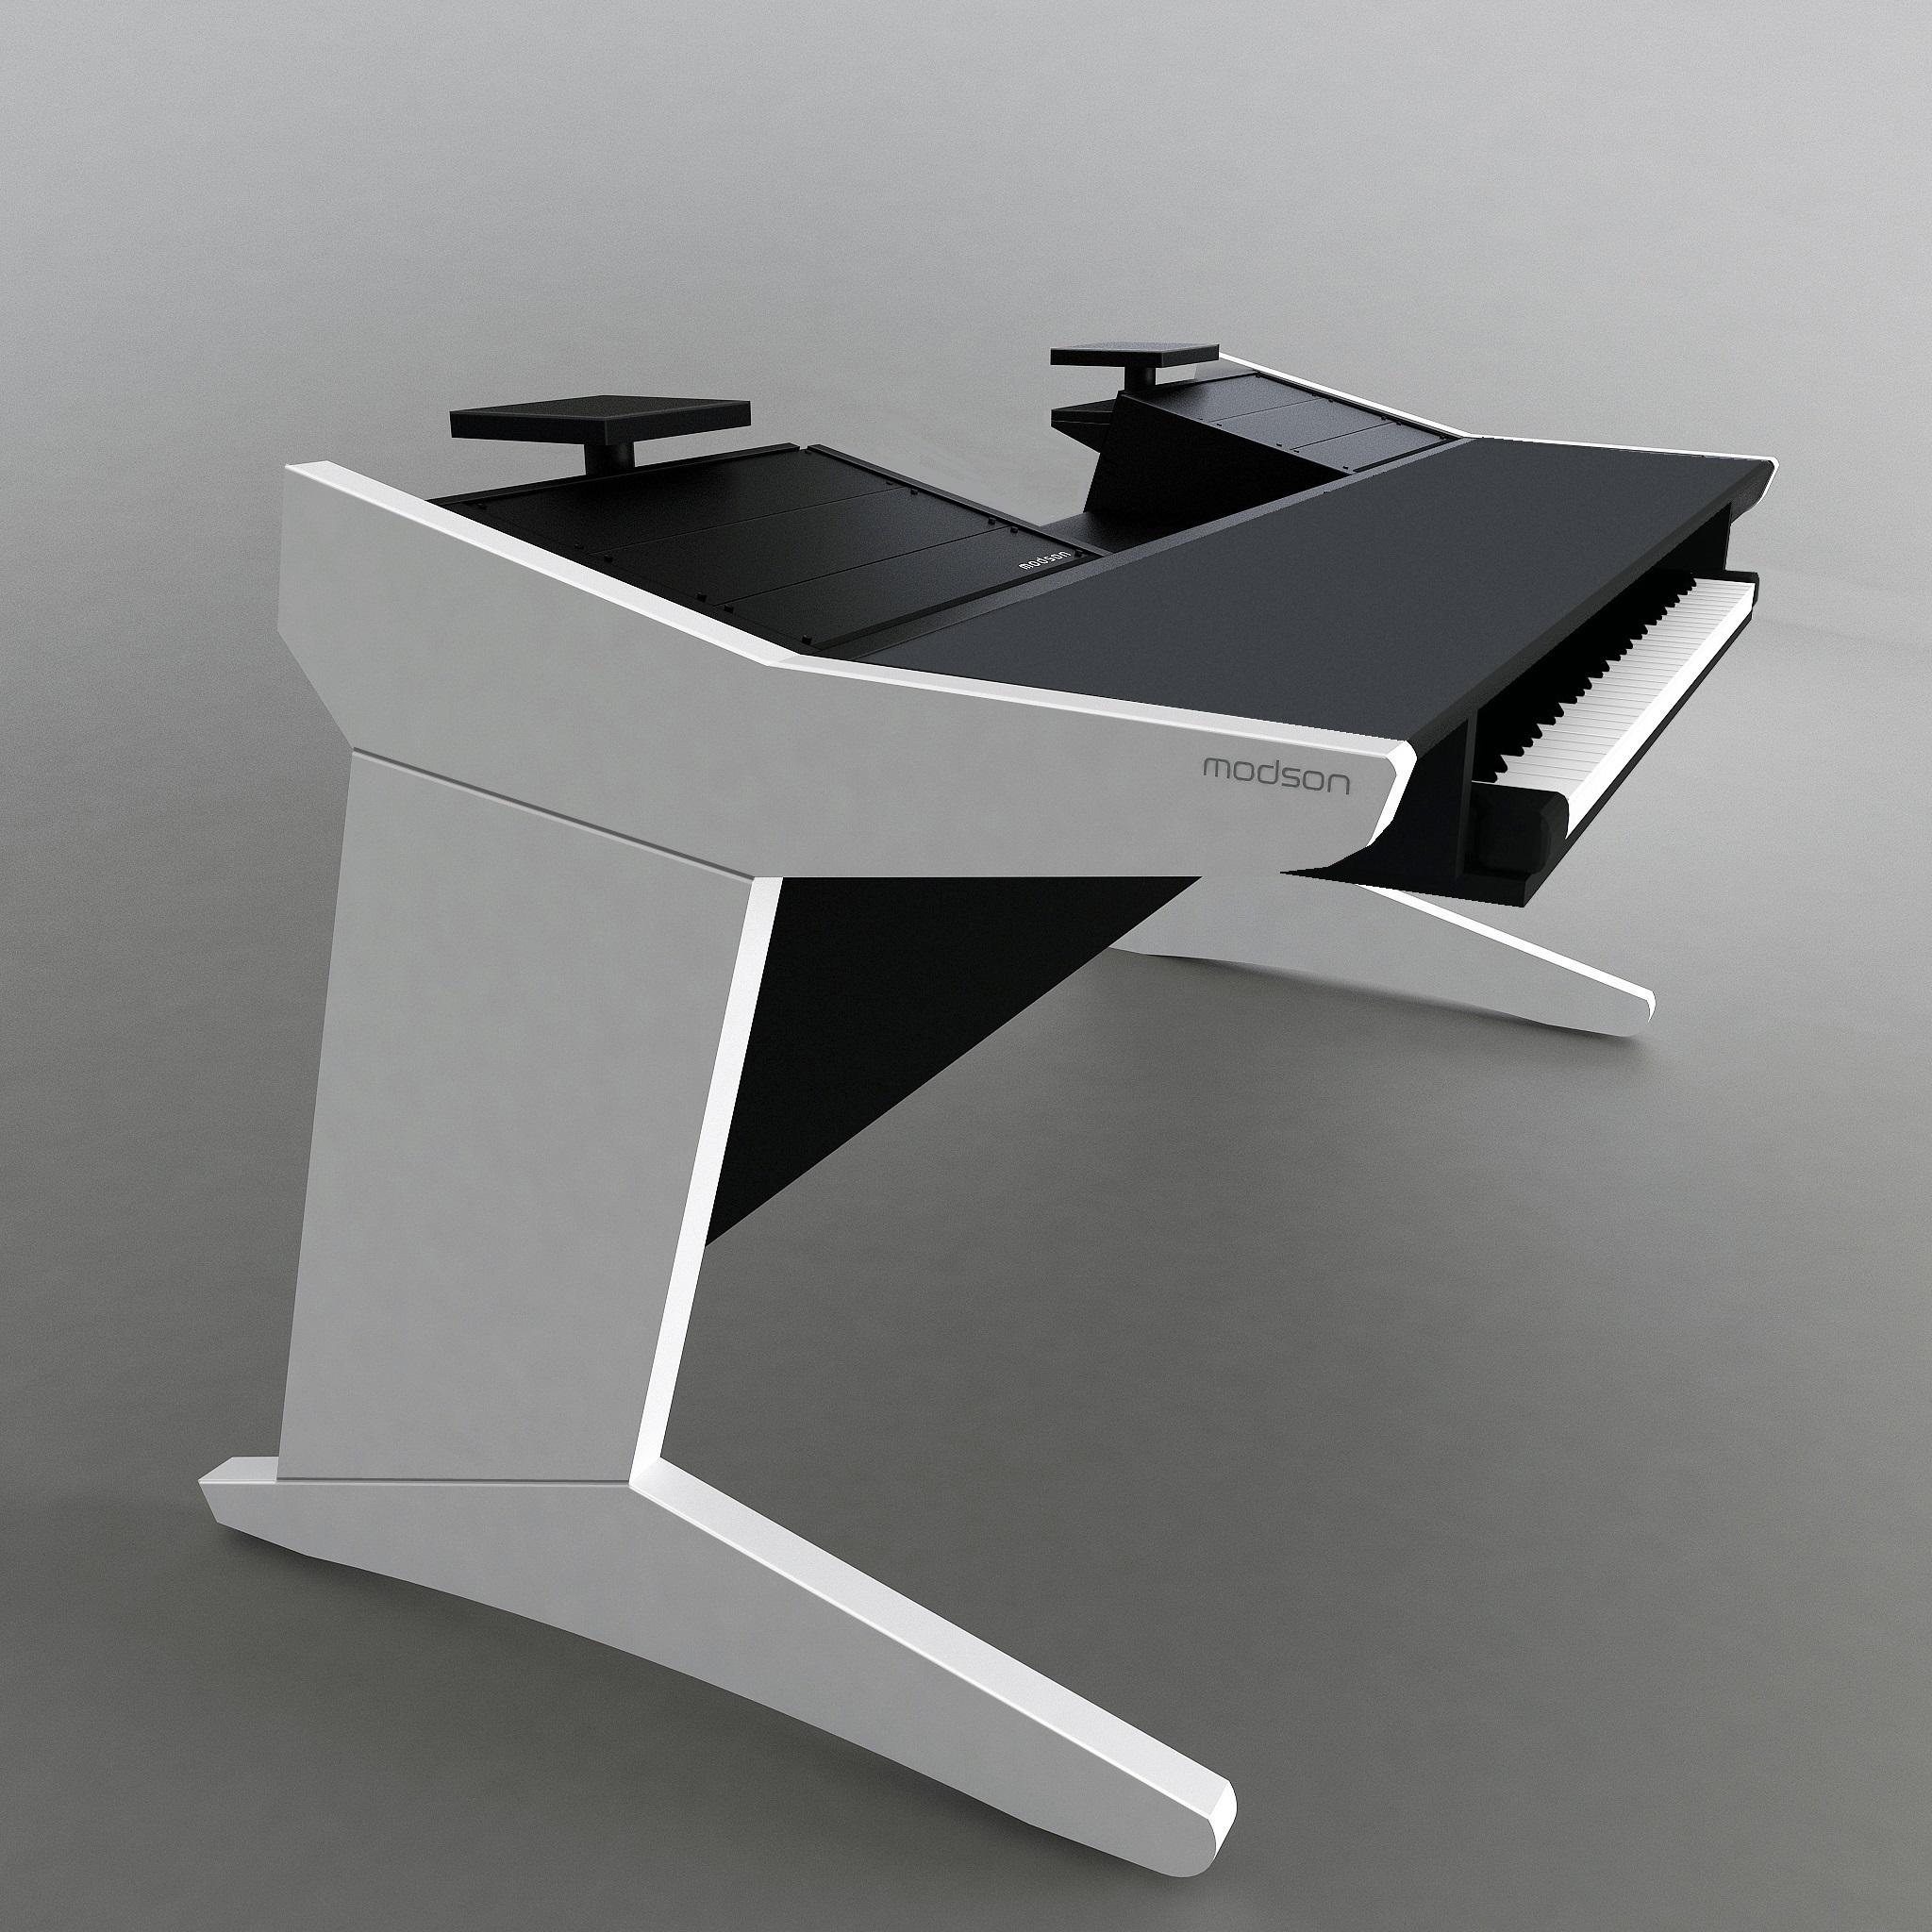 modson xplore 2 0 meuble studio d 39 enregistrement meuble. Black Bedroom Furniture Sets. Home Design Ideas